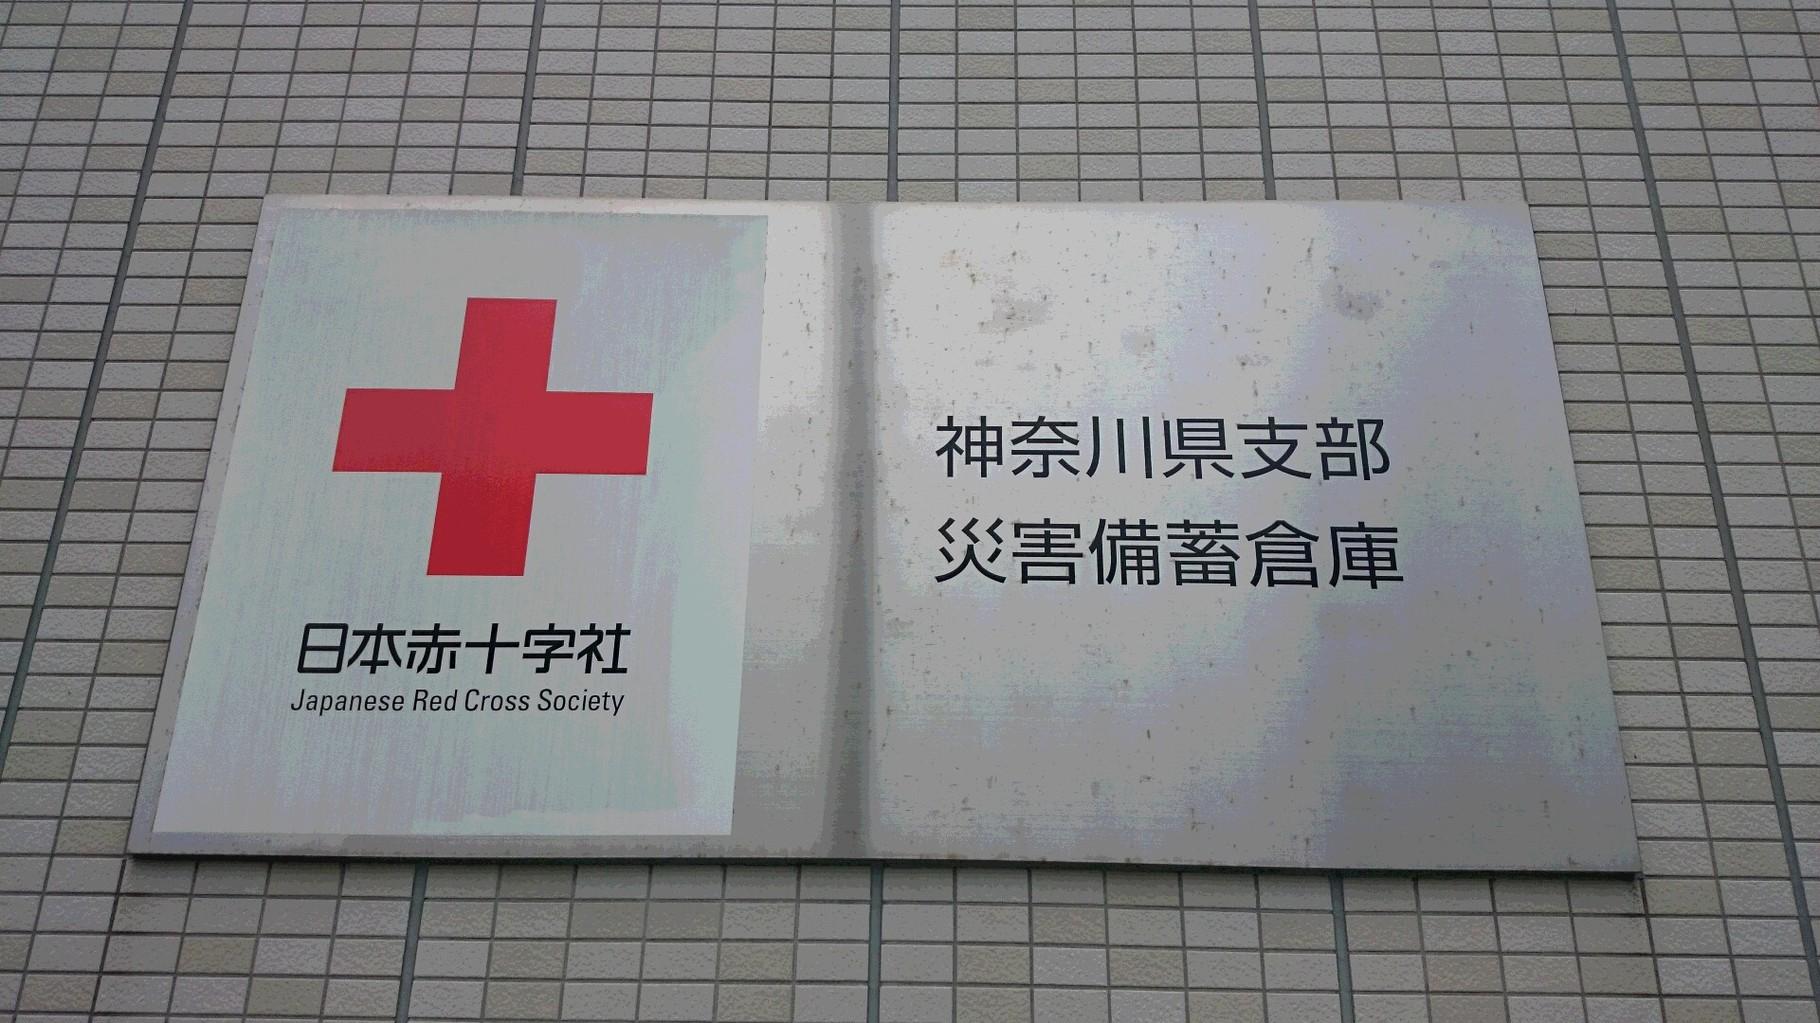 日本赤十字社神奈川県支部災害備蓄倉庫